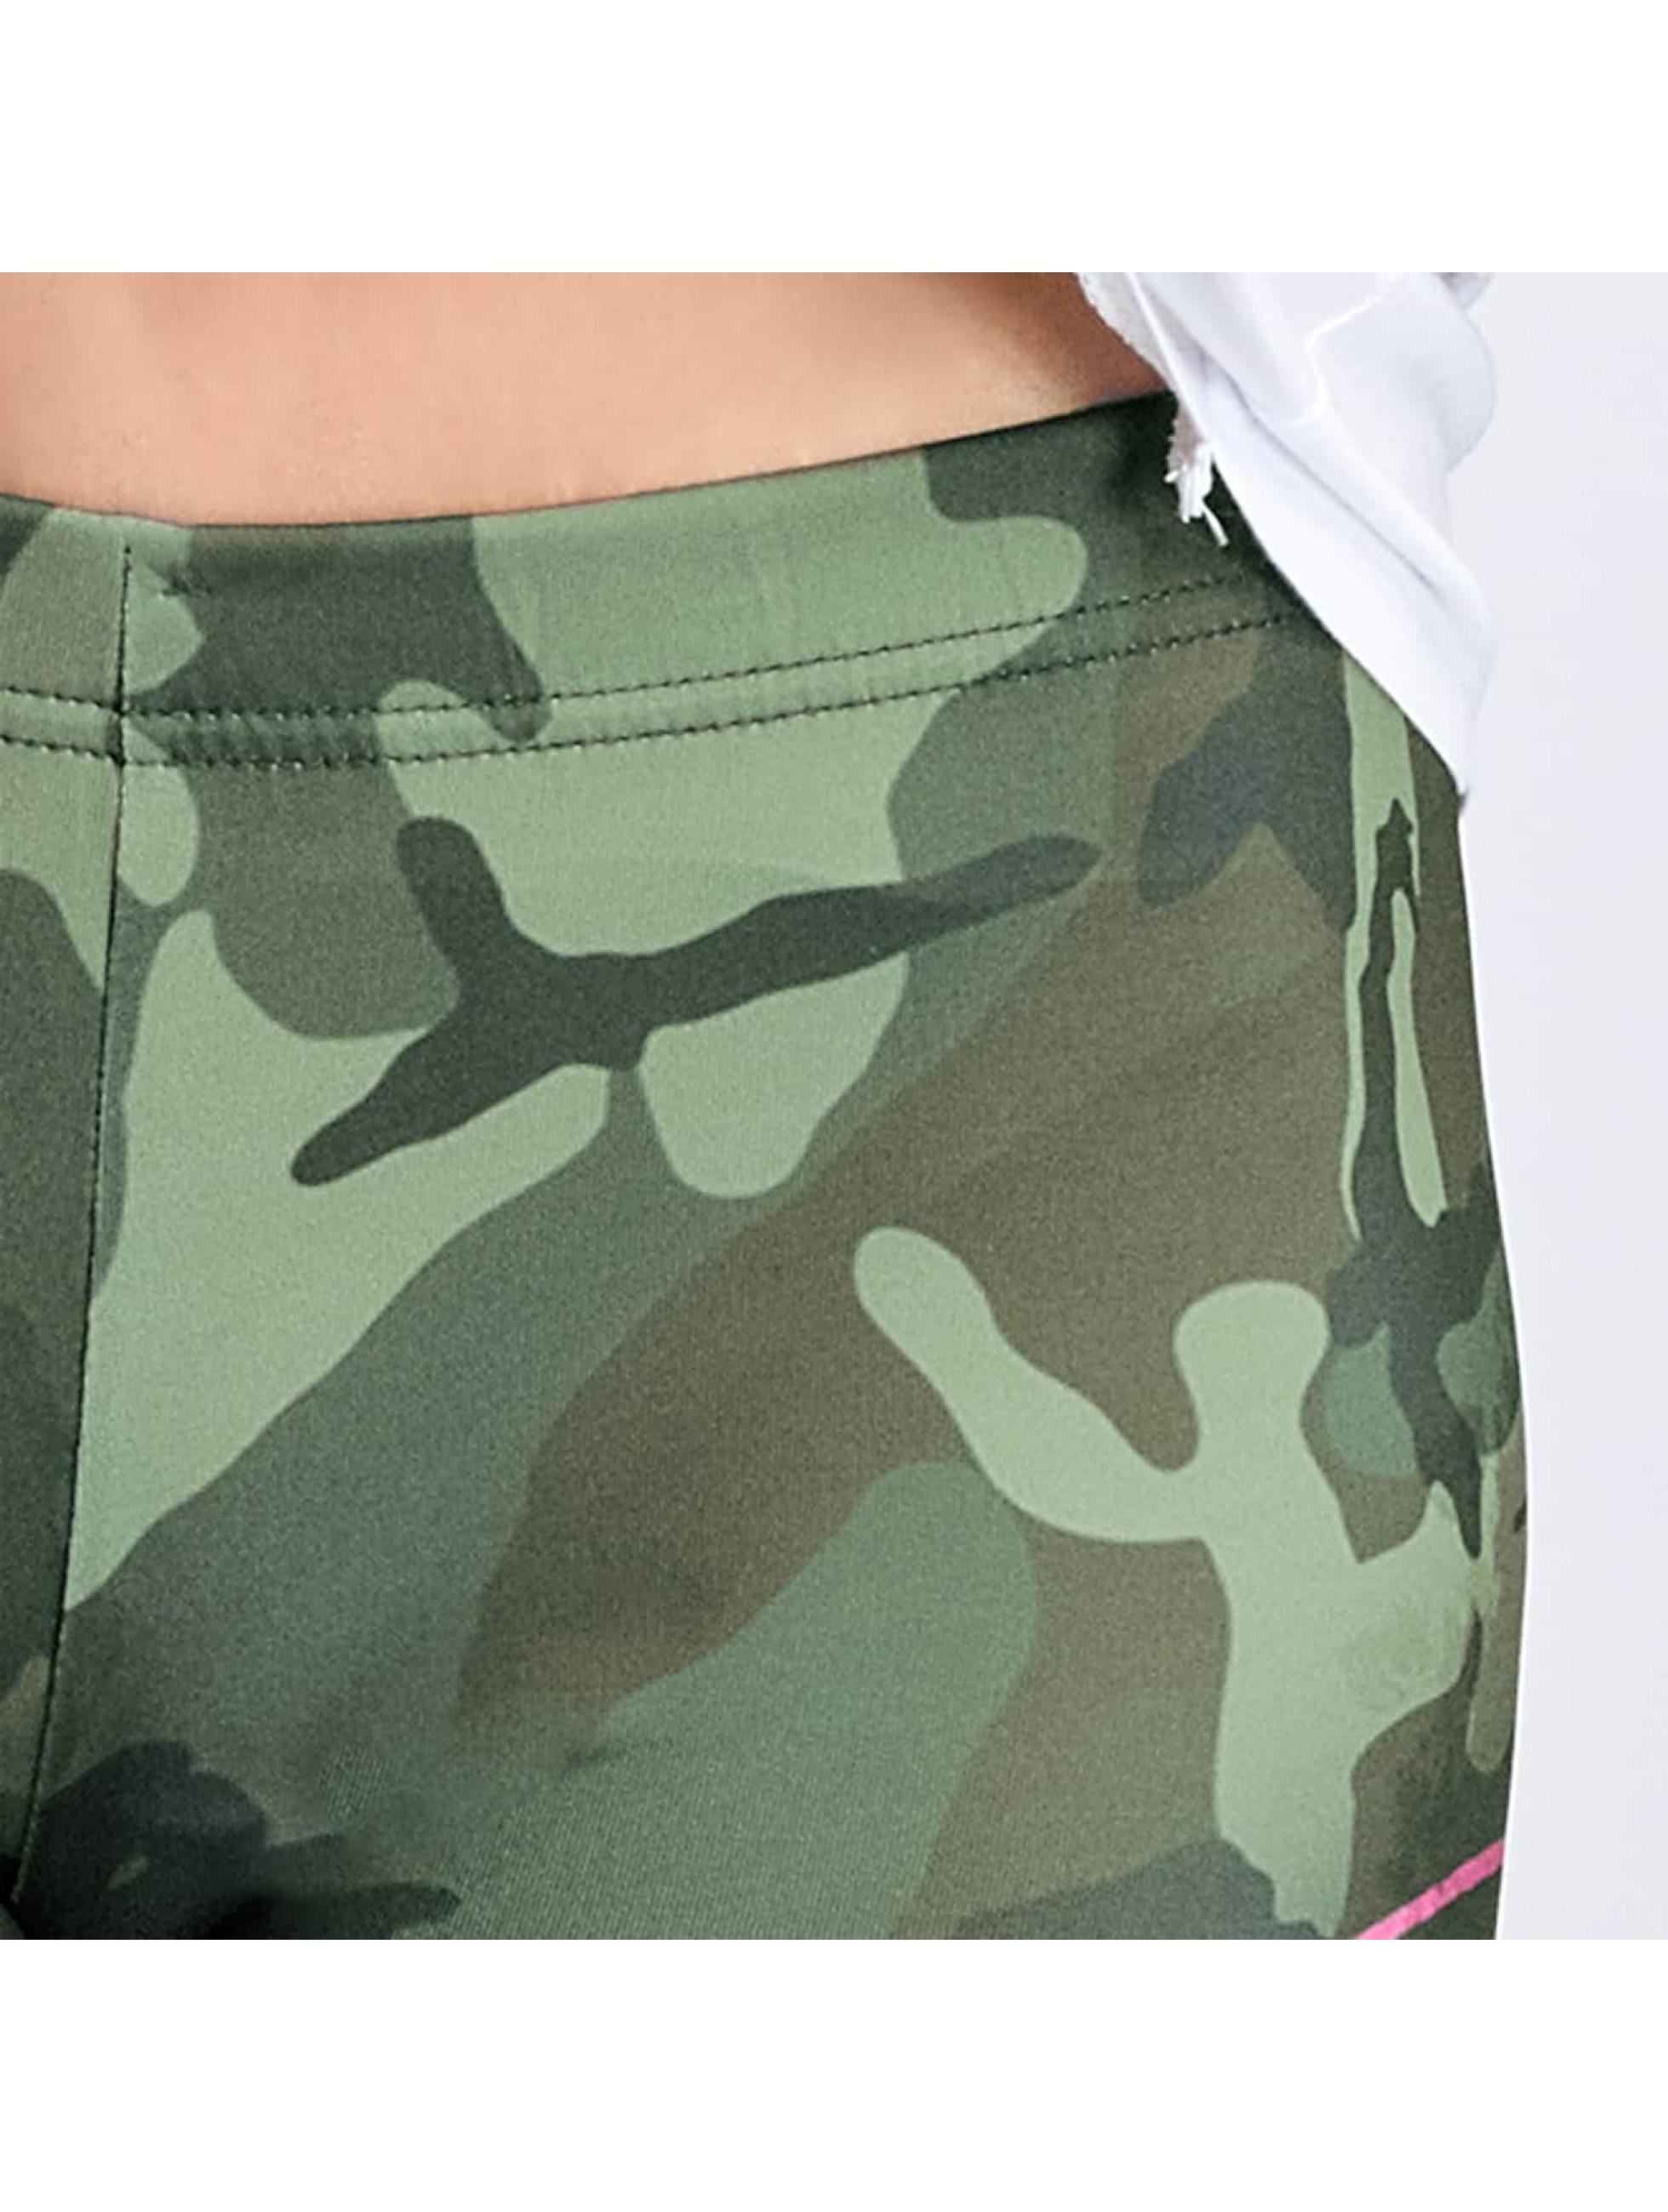 Yakuza Leggings/Treggings Military Lady camouflage